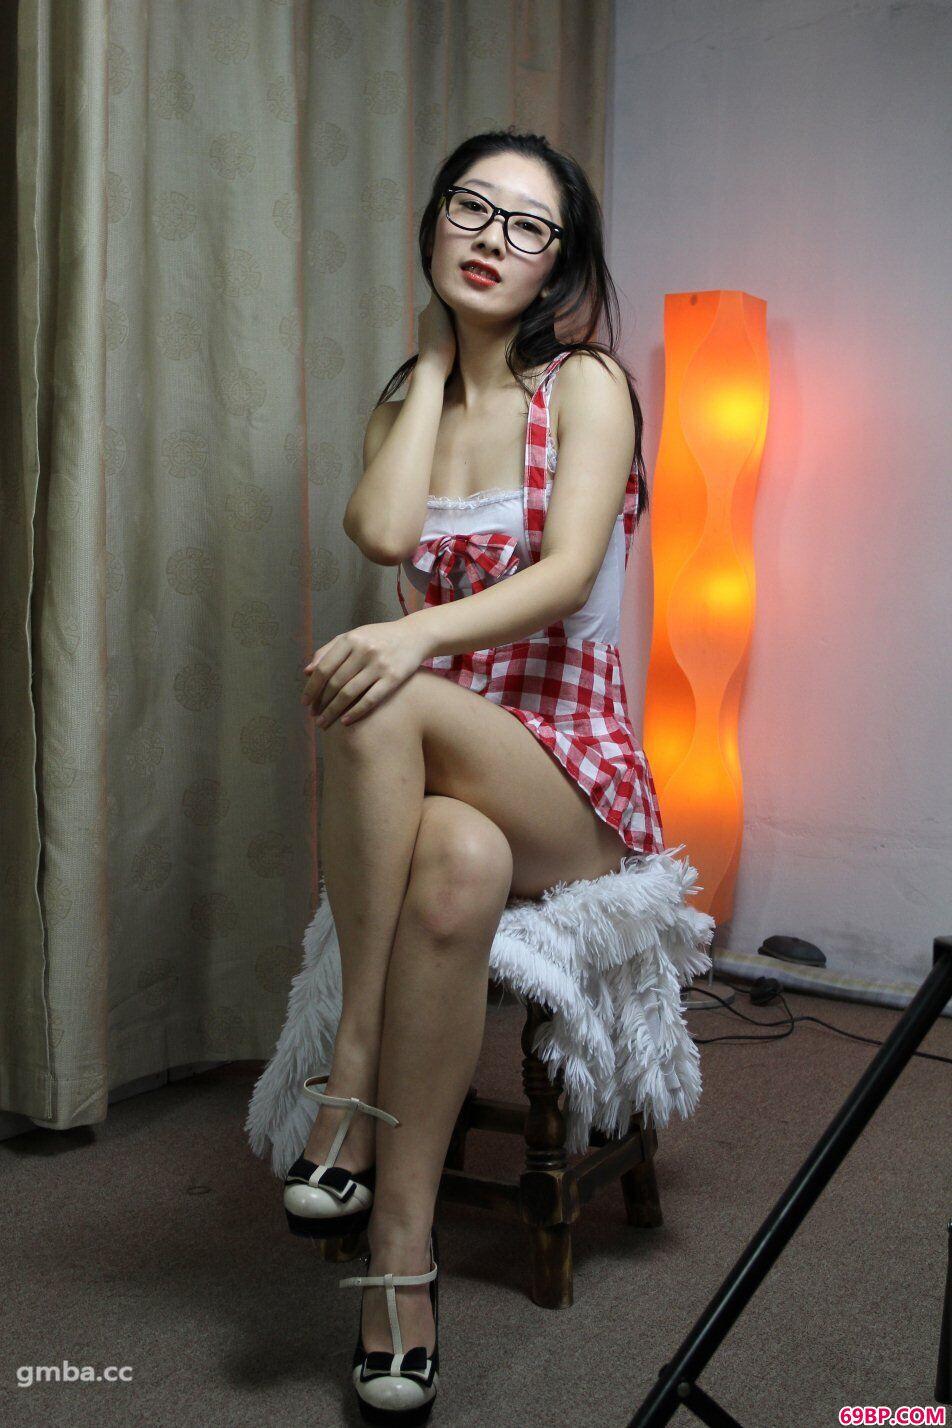 国模小美(心茹)摘下墨镜大胆私拍顶级人体艺术_征服极品少妇人妻